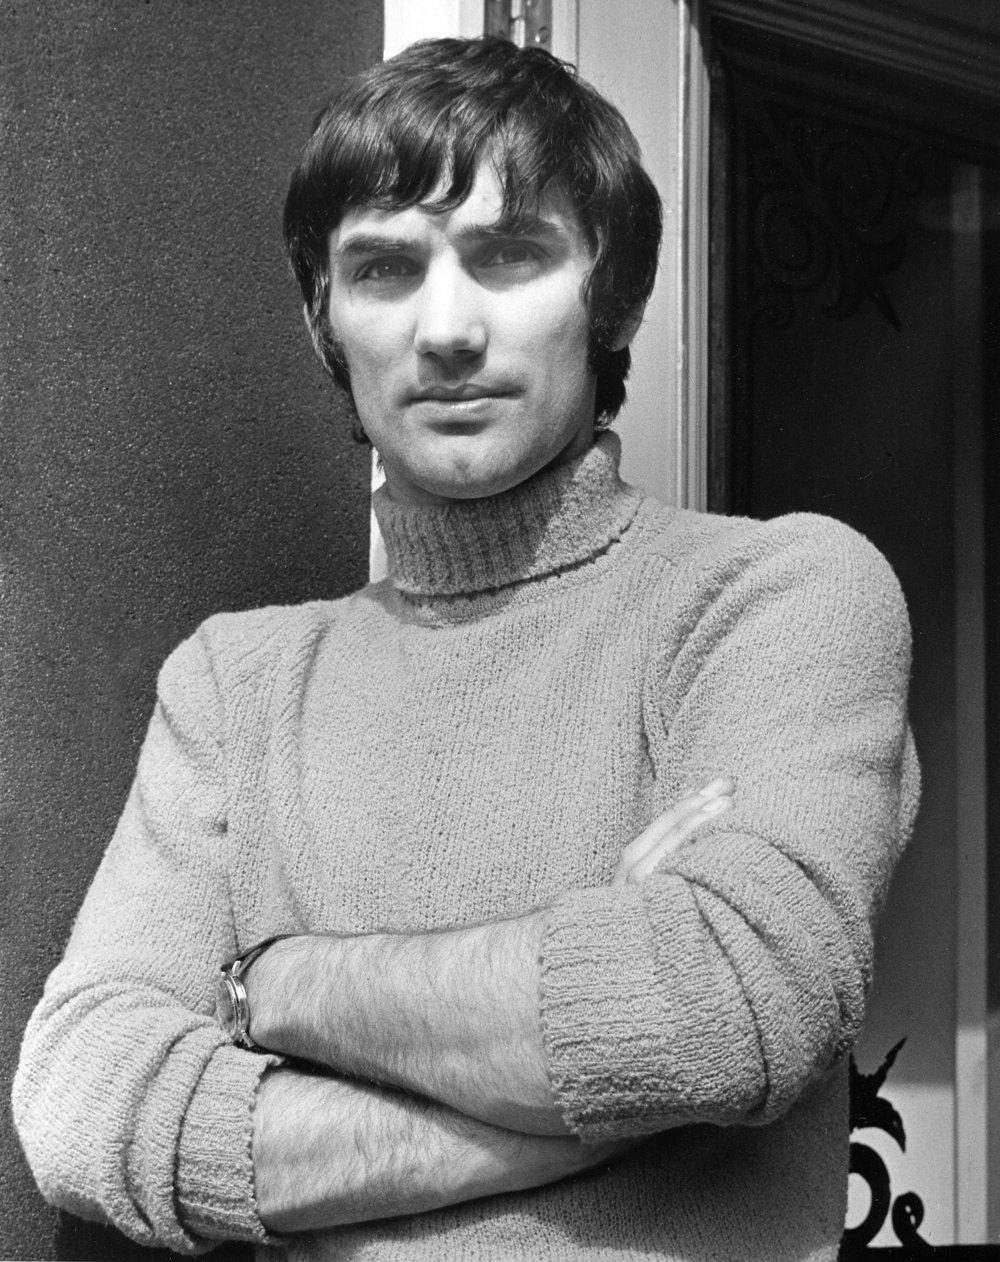 GEORGE BEST 1-53-14 (1968).jpg